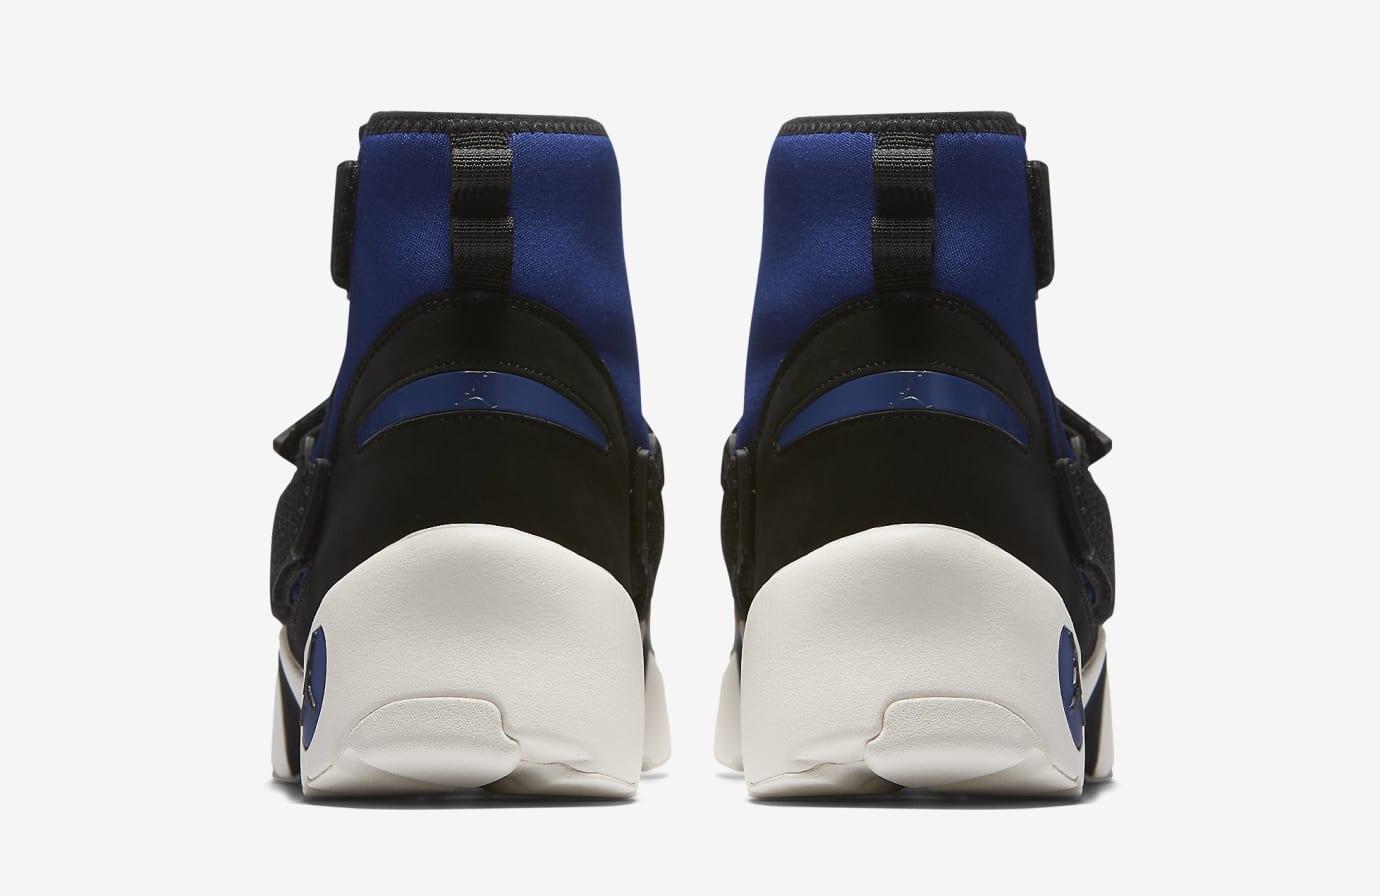 Air Jordan Trunner High AJ3885-010 (Heel)